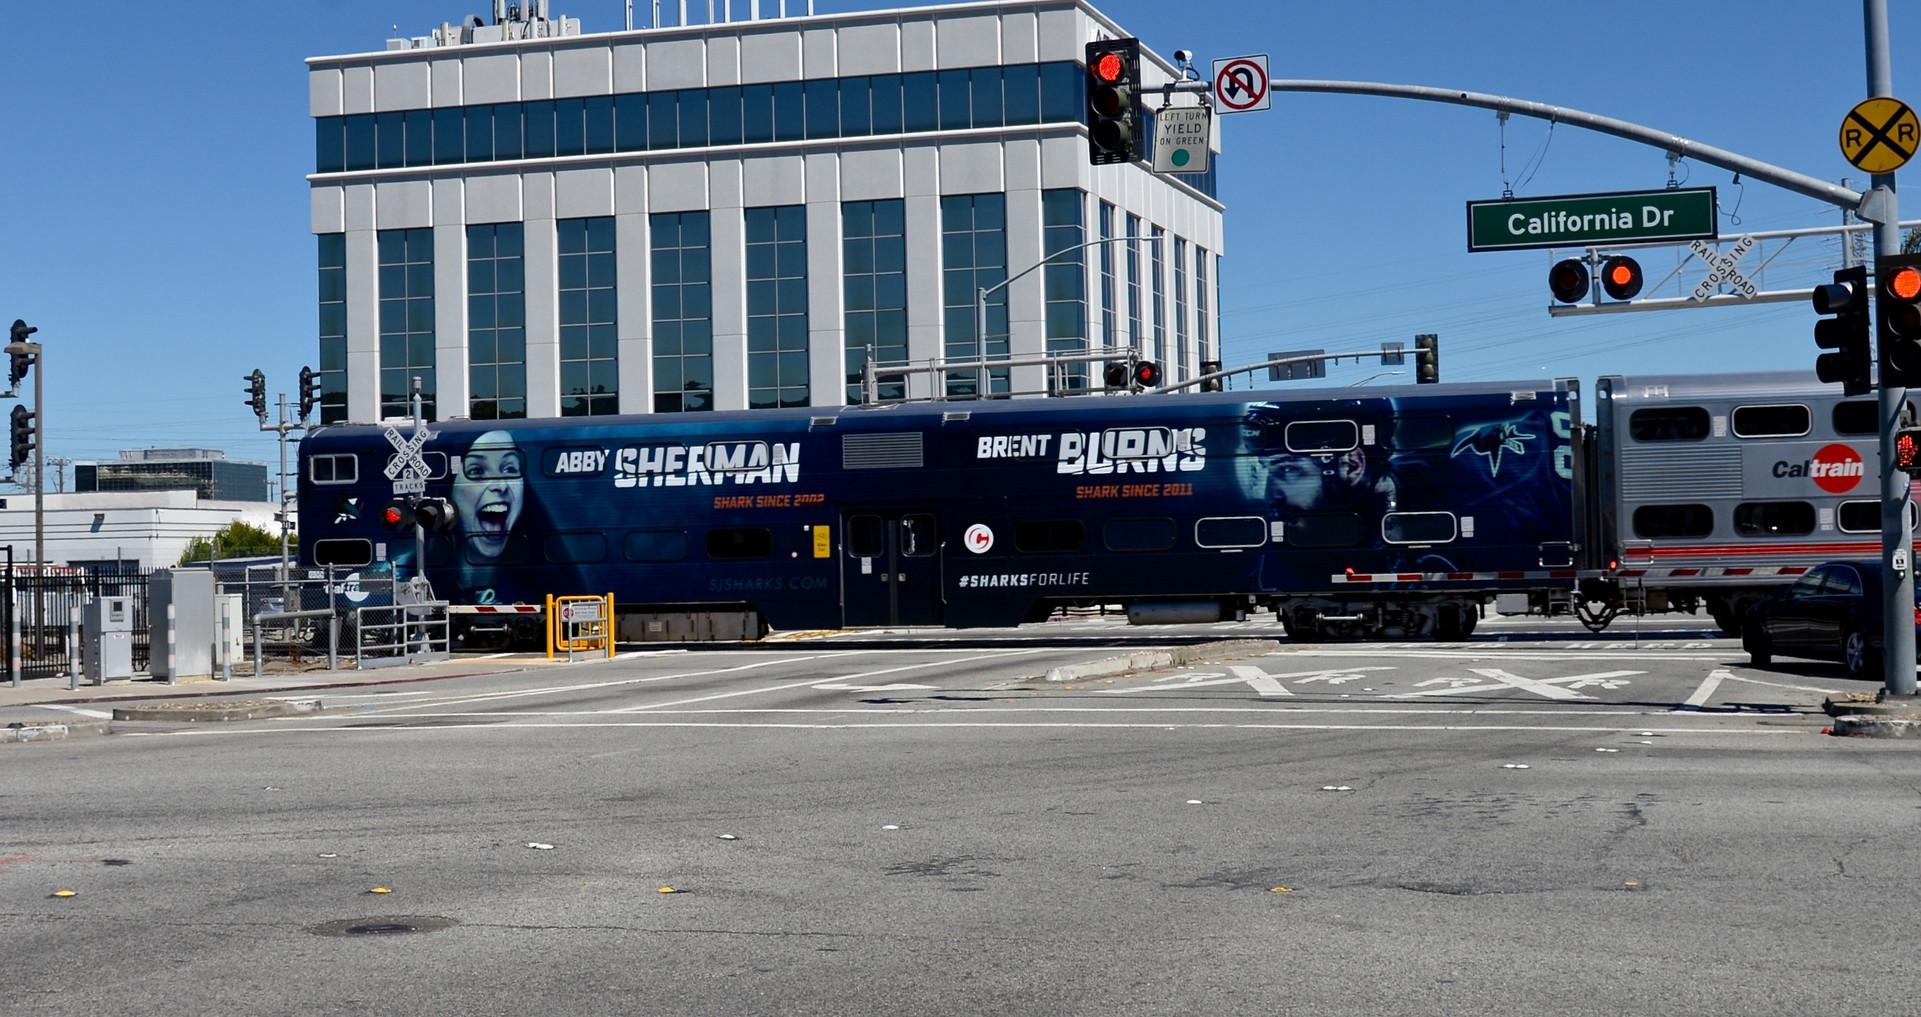 Image of Cal Train.jpg